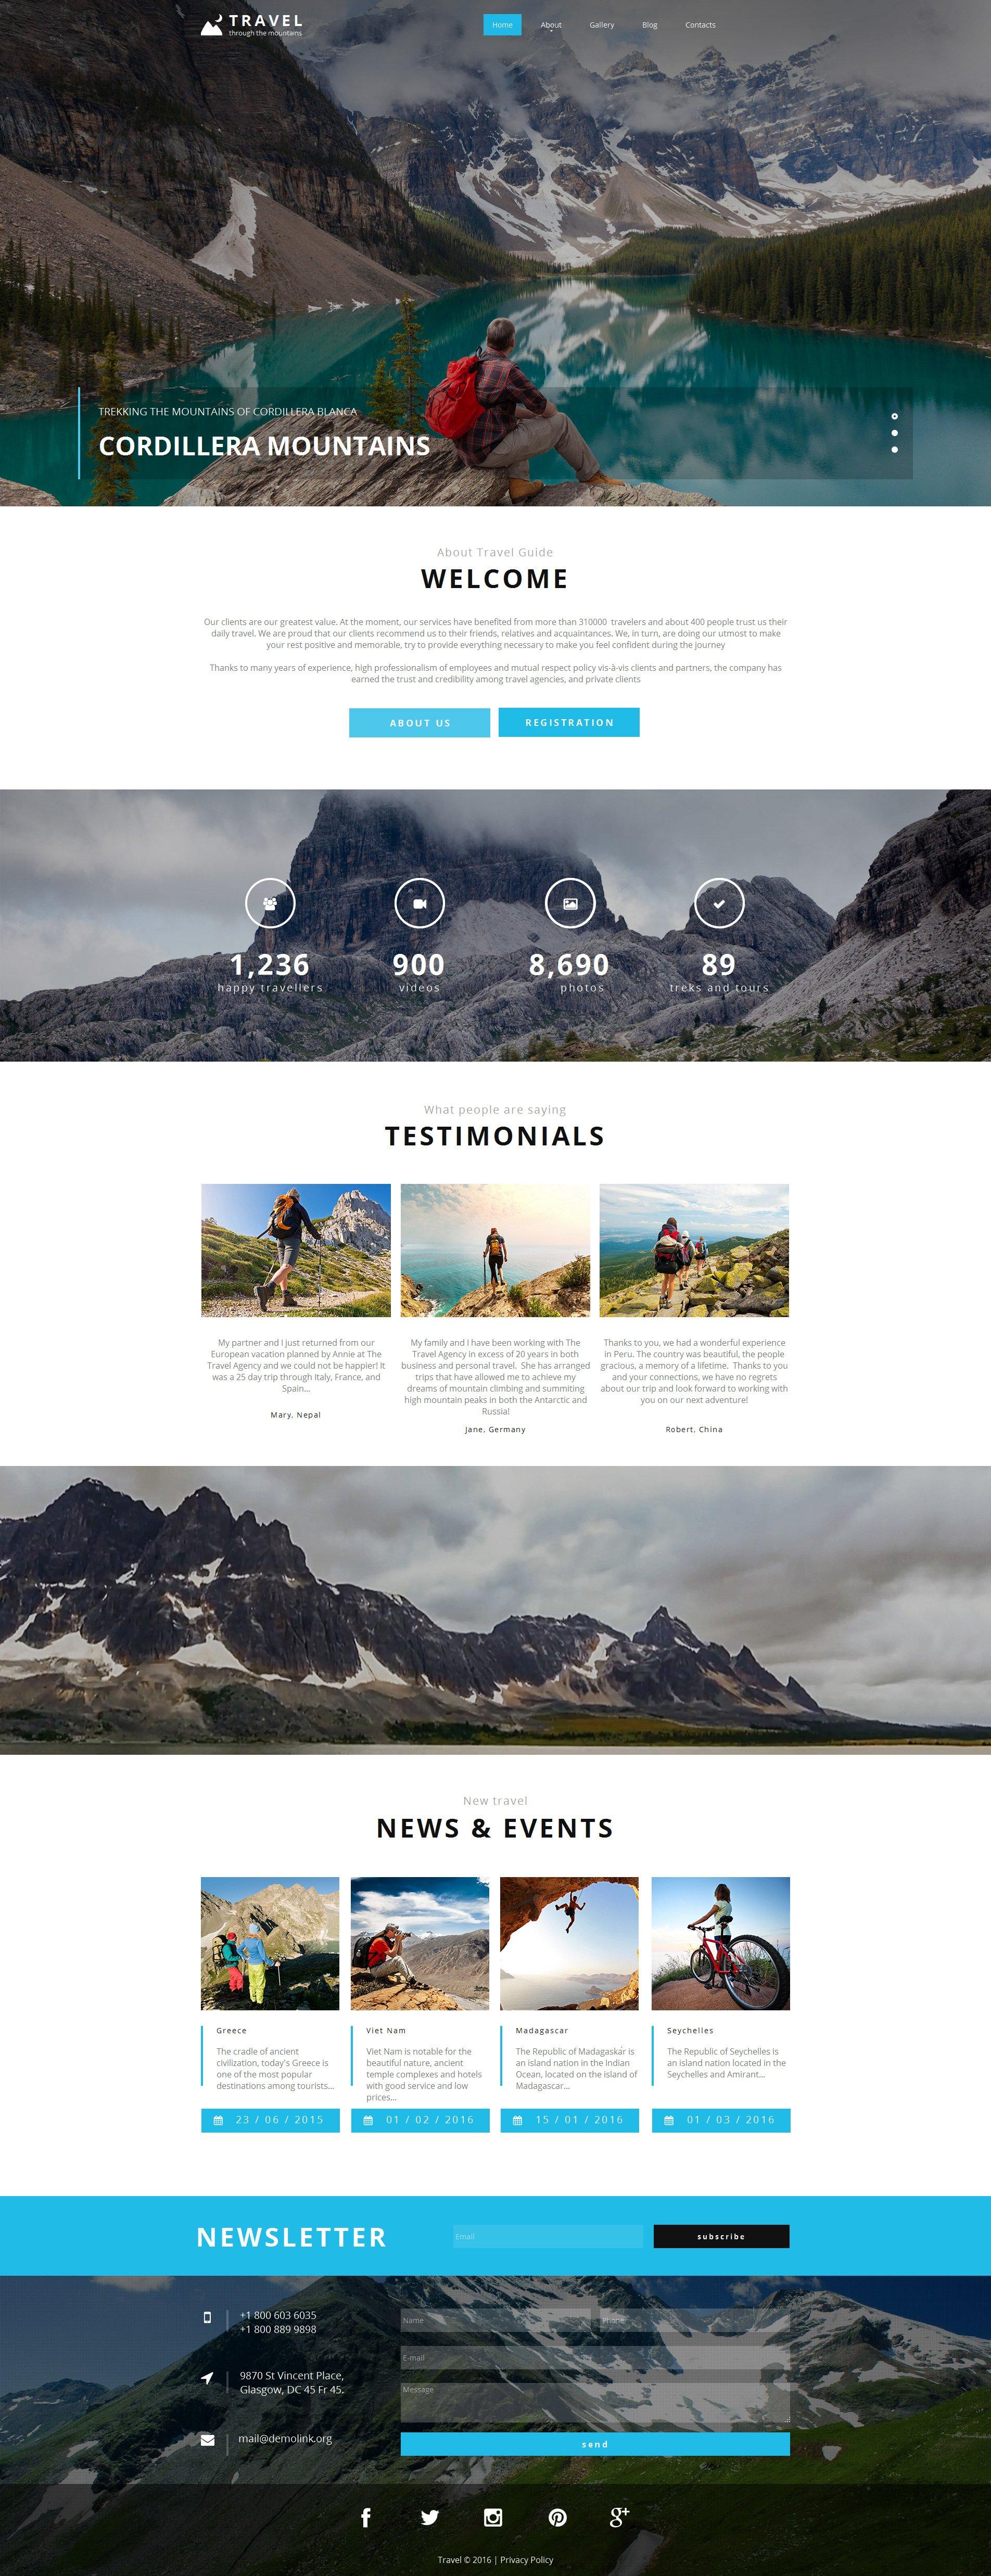 Szablon Moto CMS HTML #58474 na temat: biuro podróży i turystyki